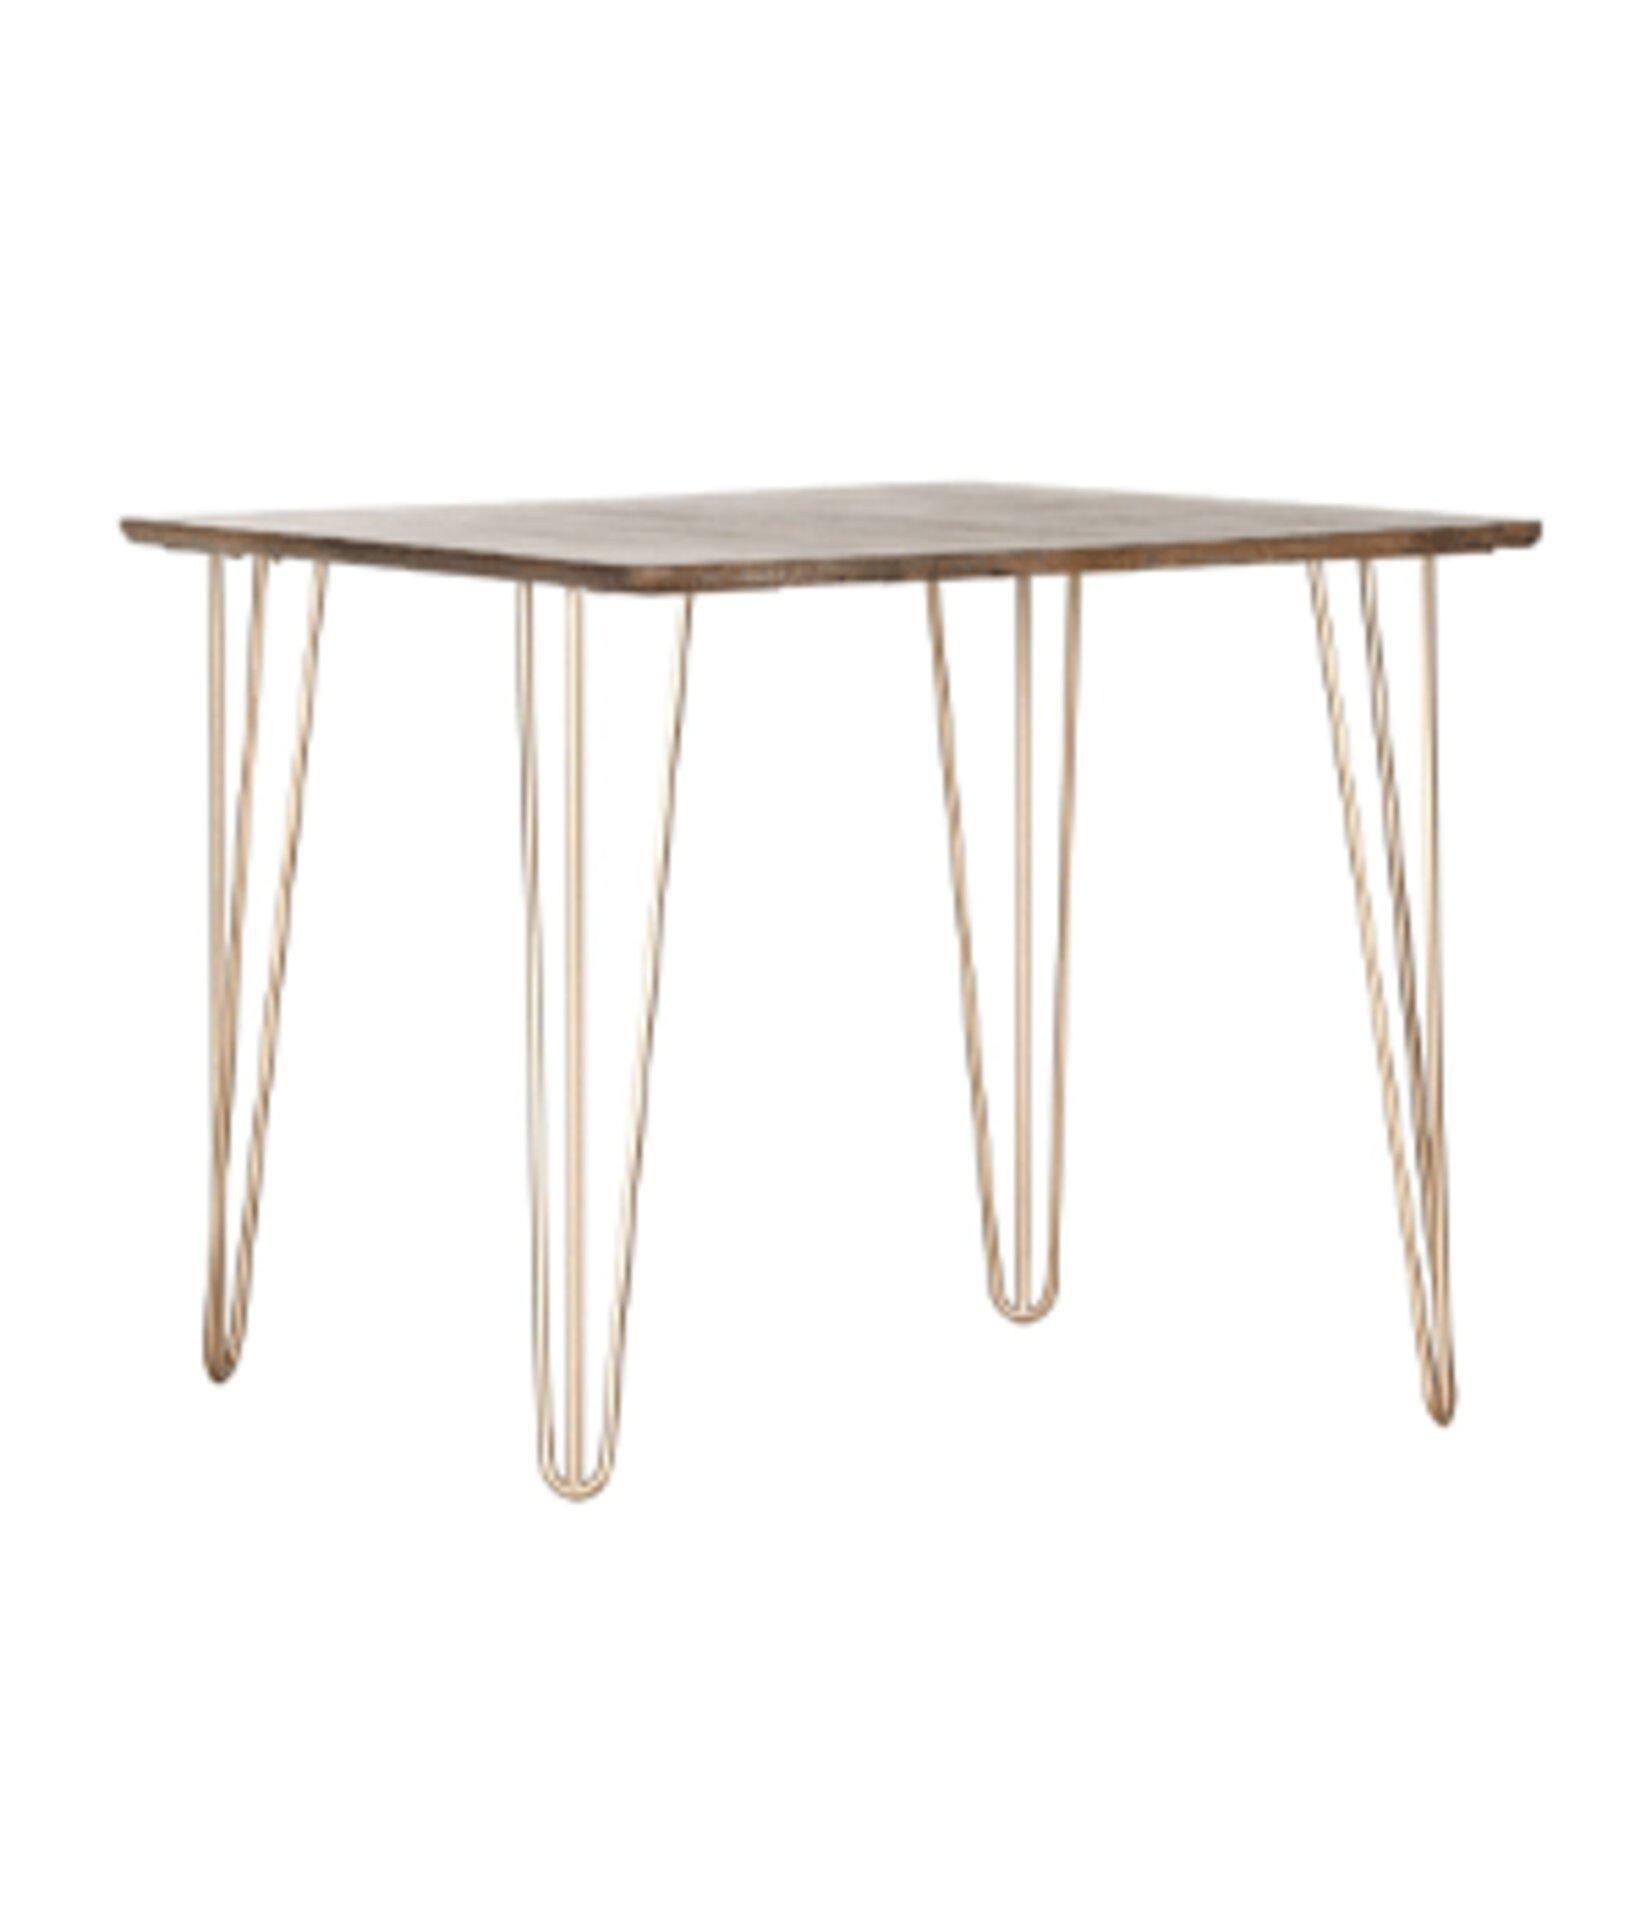 Tisch mit goldfarbenen Tischbeinen